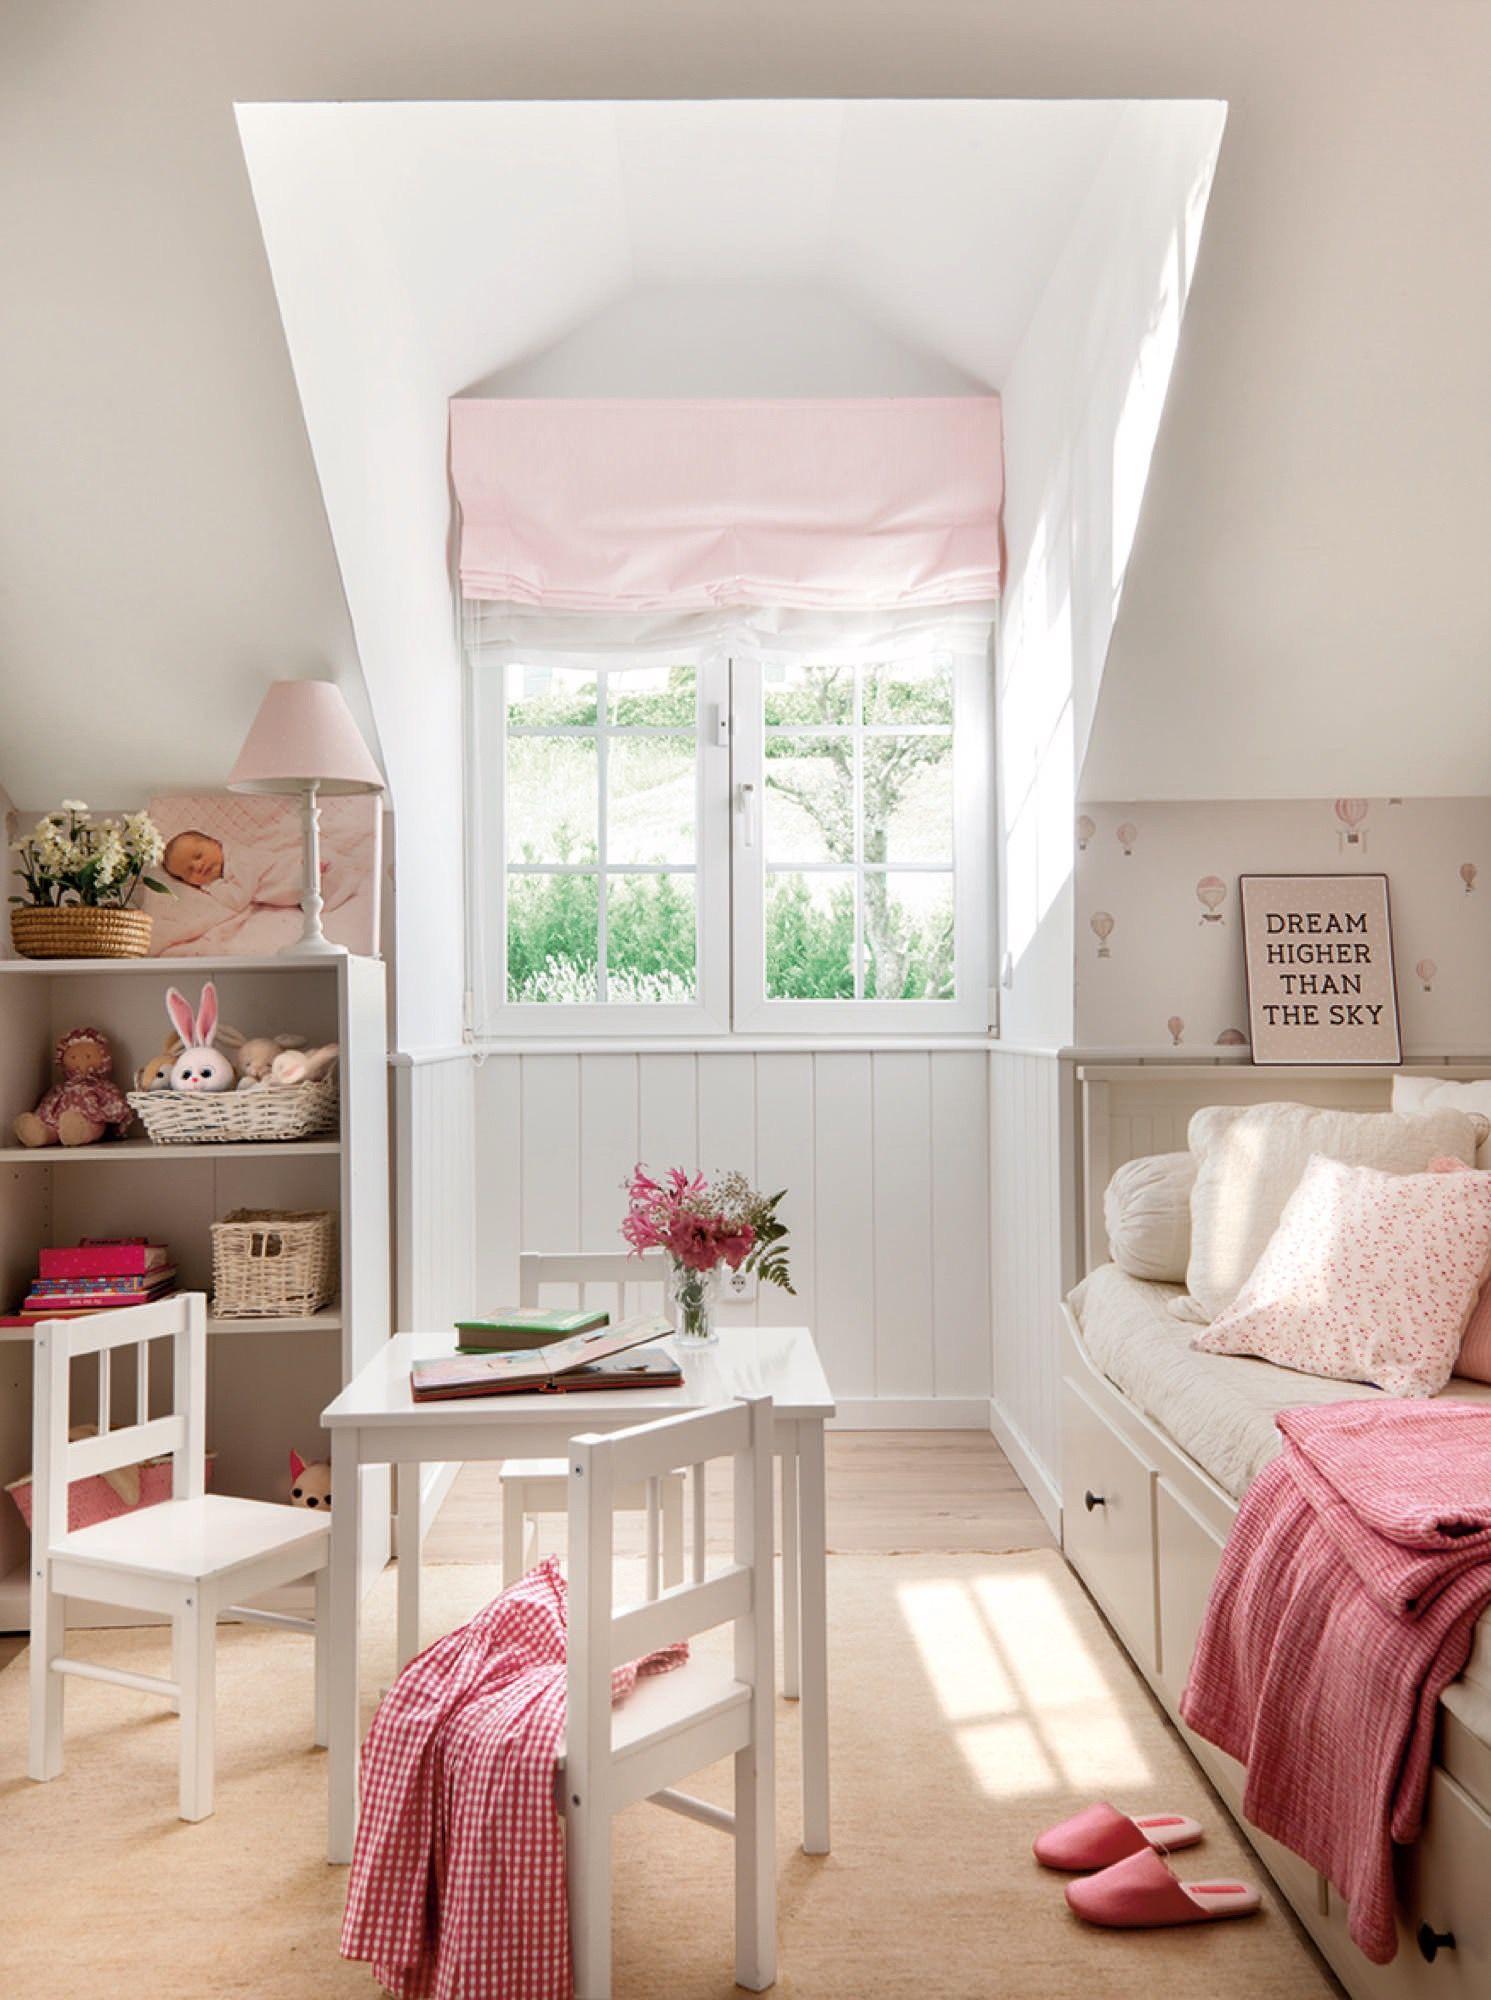 dormitorio infantil en rosa con mesita y estantería   Вдохновляющие ...